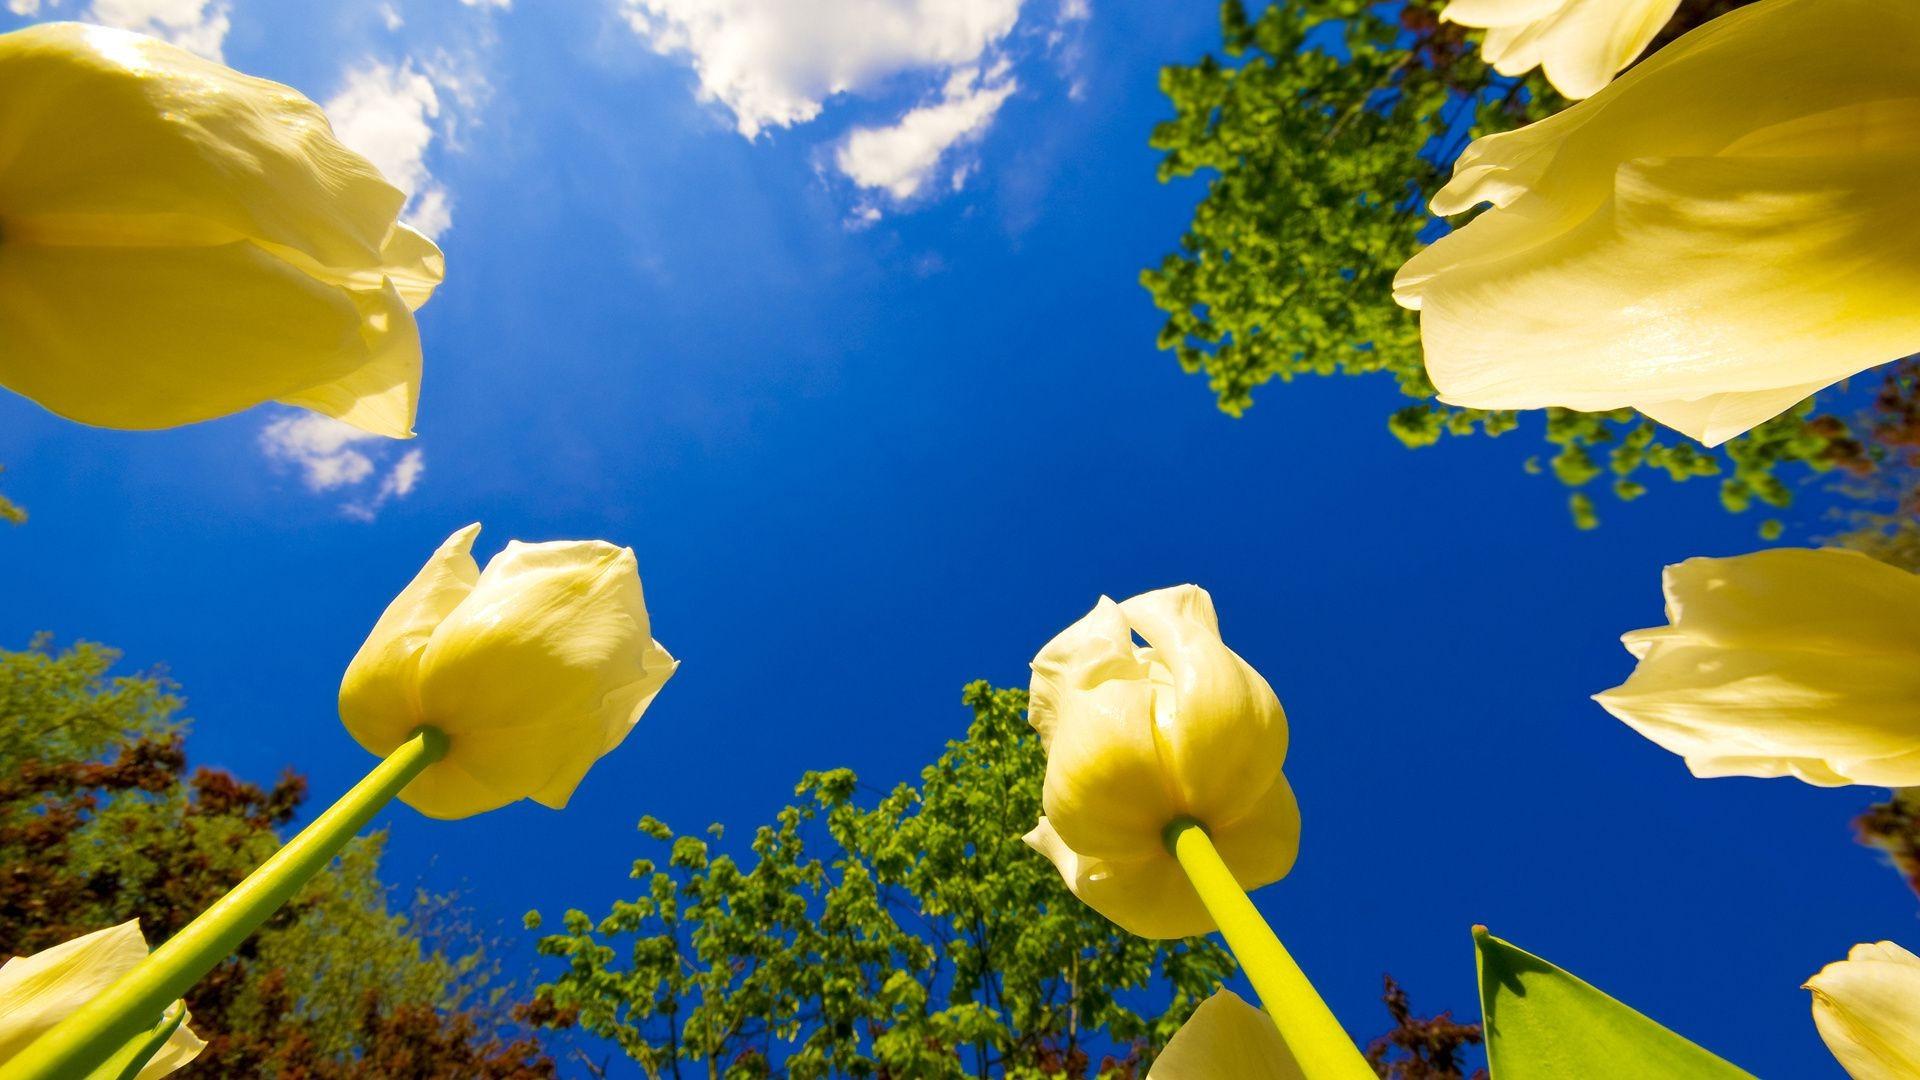 природа цветы тюльпны желтые поле загрузить